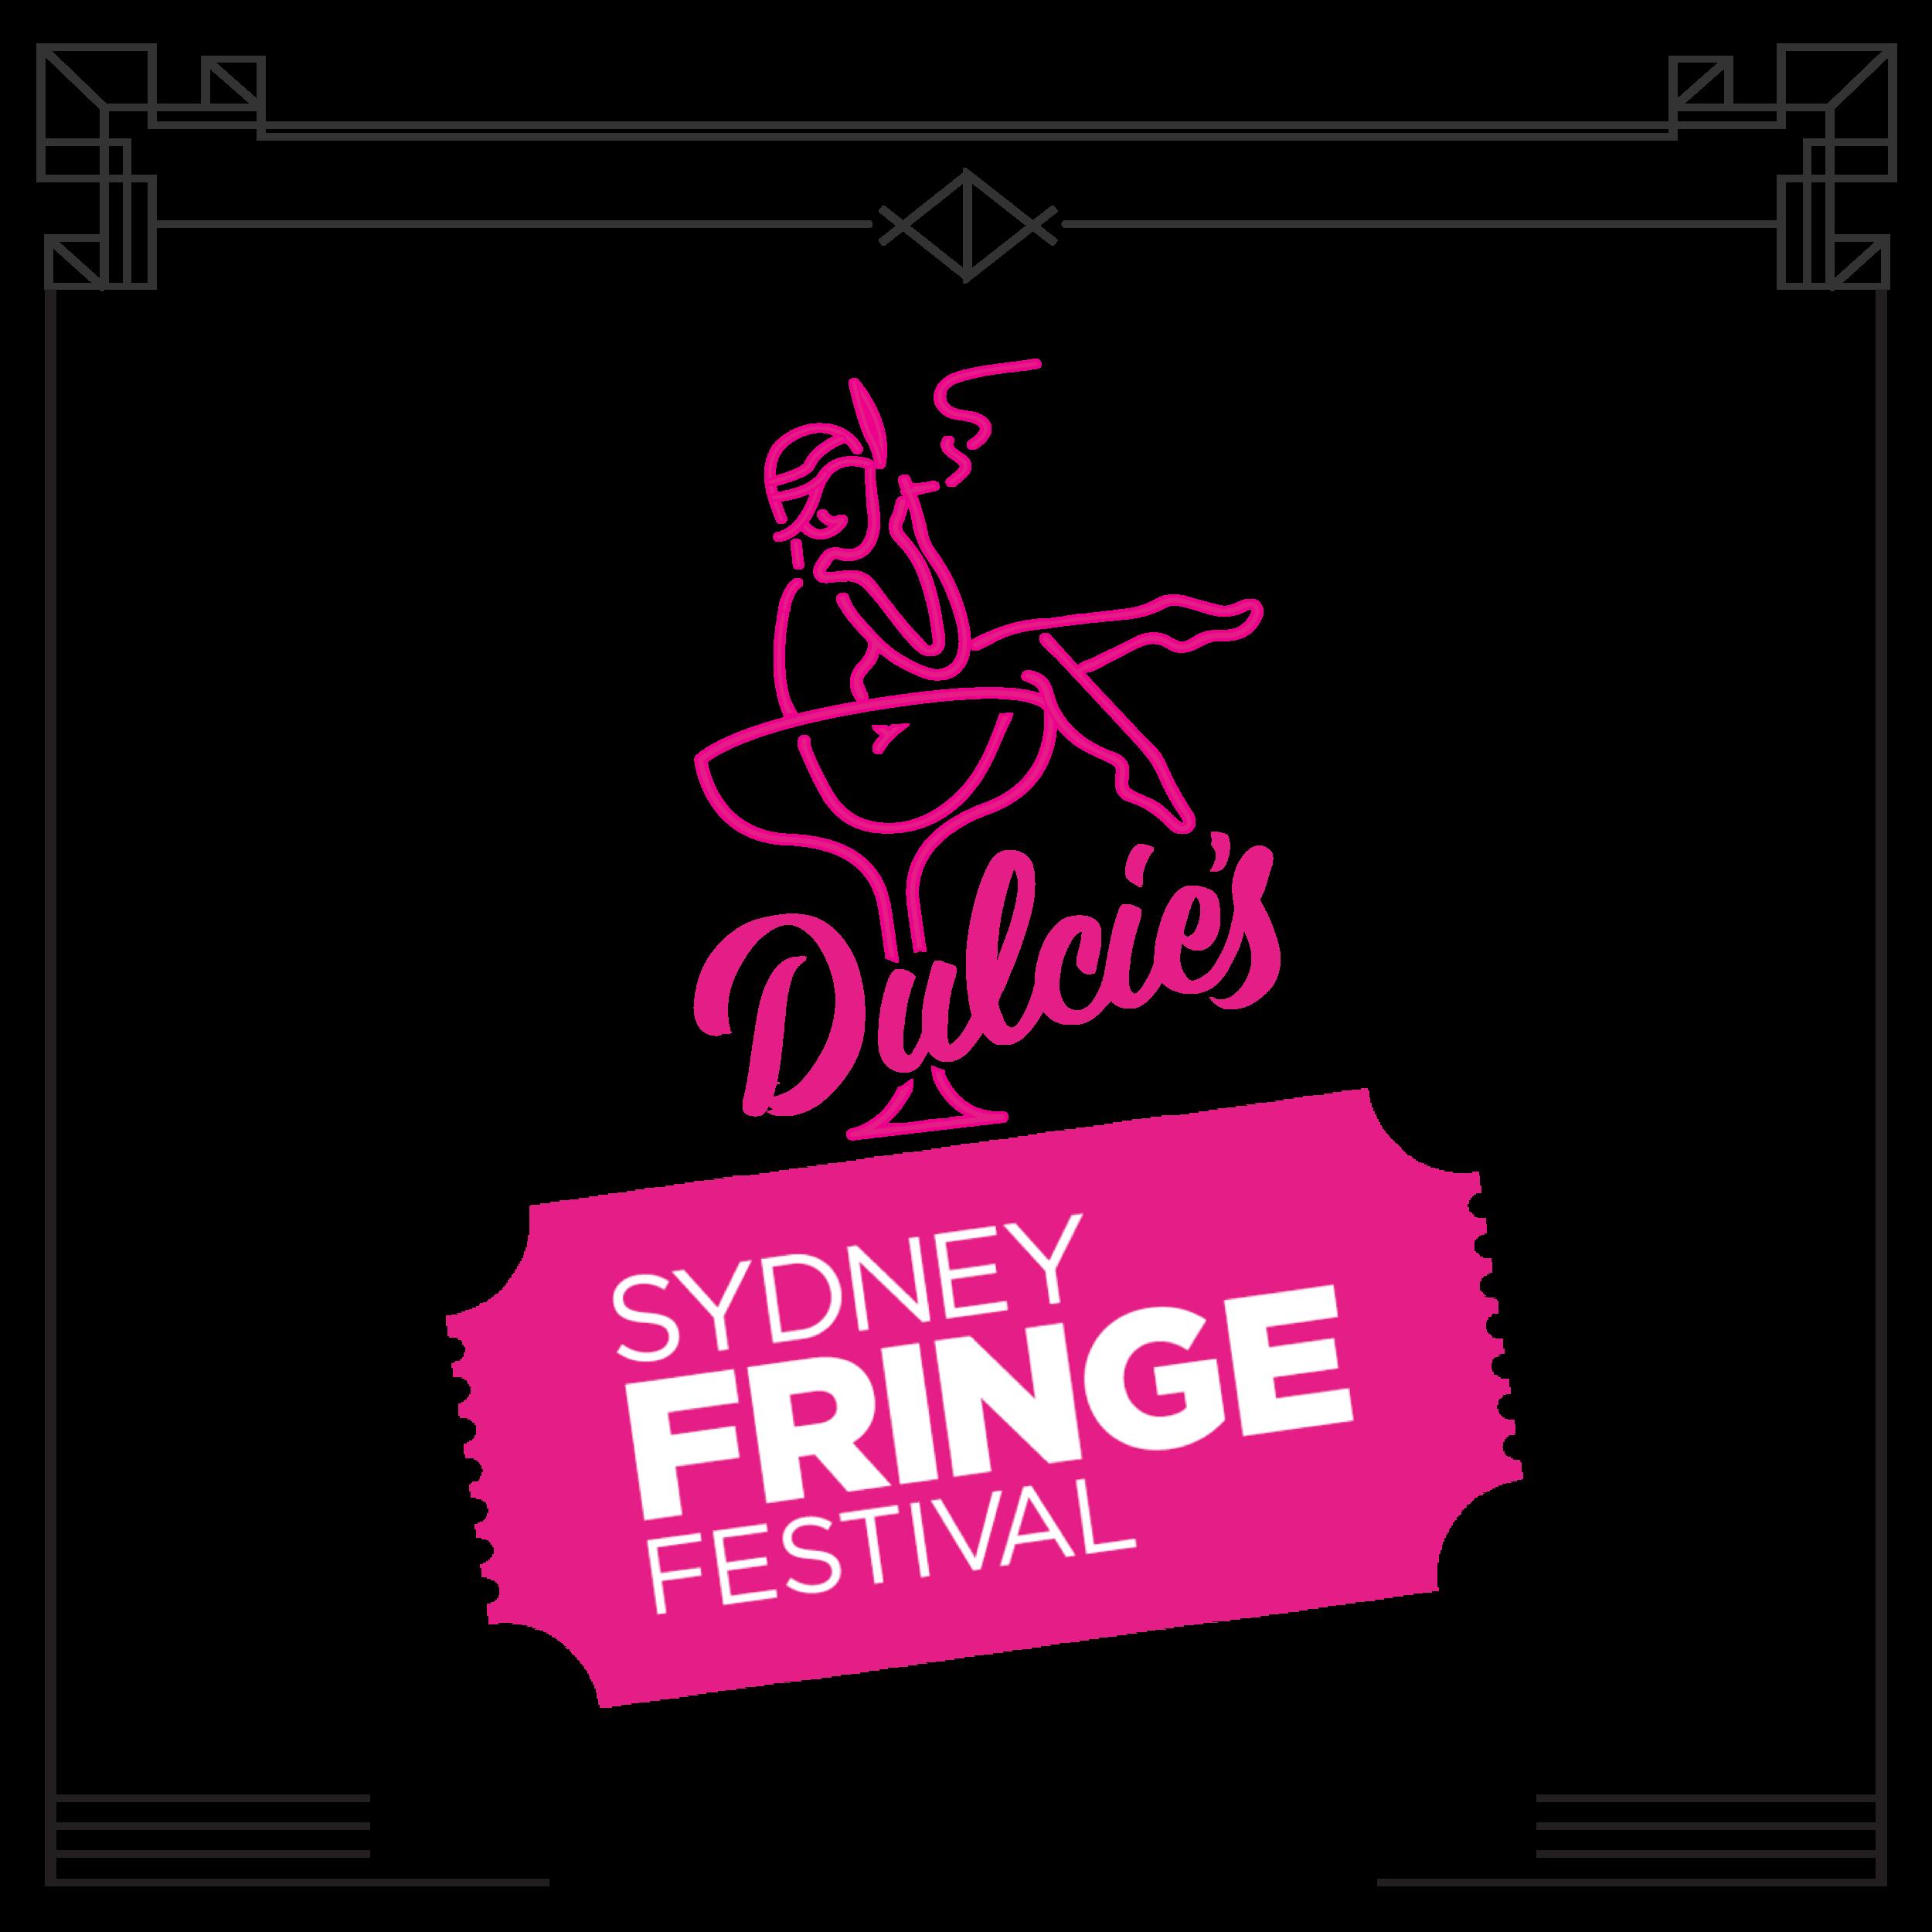 DULCIE'S @ FRINGE HQ - DULCIE's @ FRINGE HQ